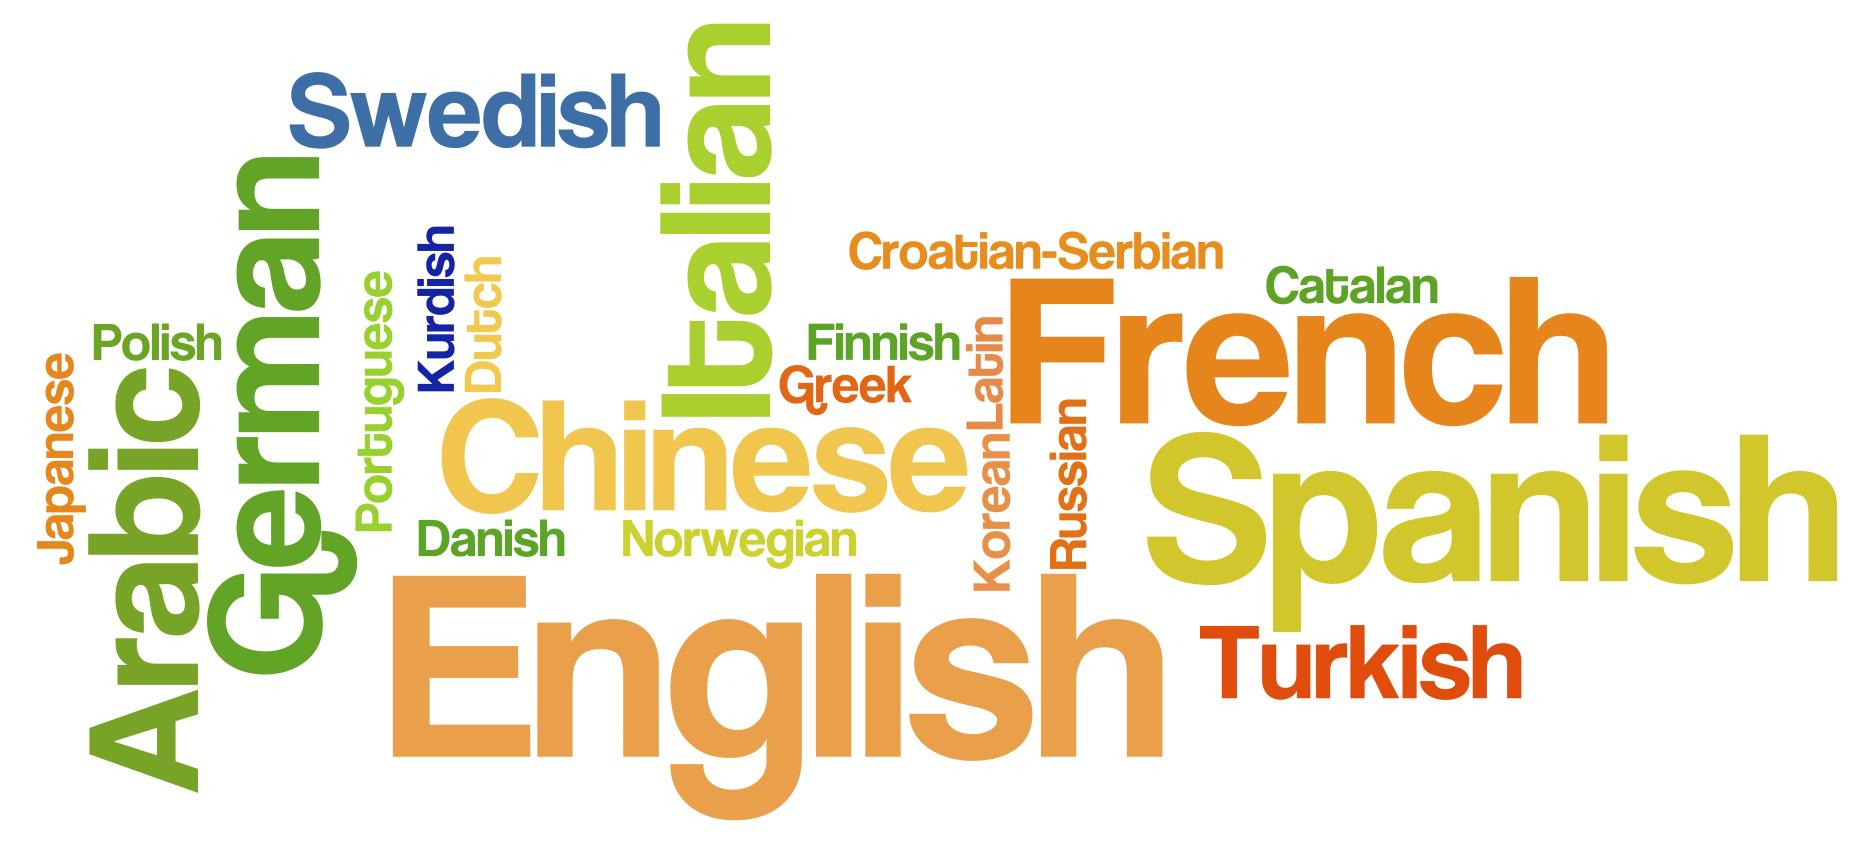 langues les plus parlées dans le monde